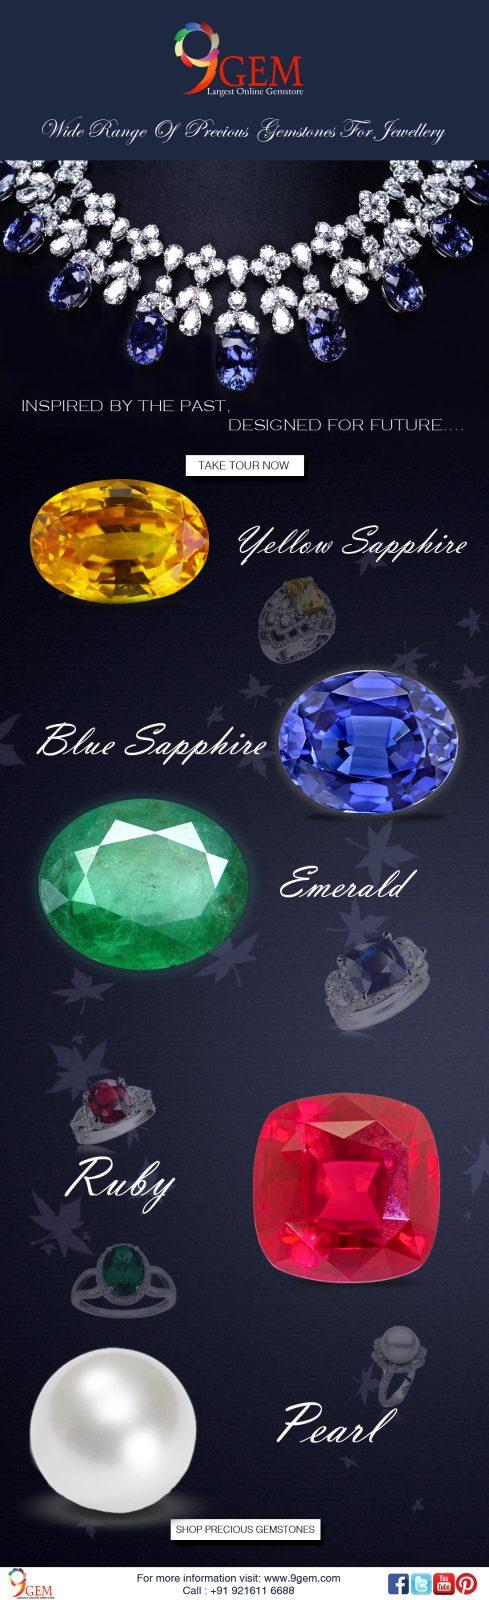 9Gem Precious Gemstone Collection